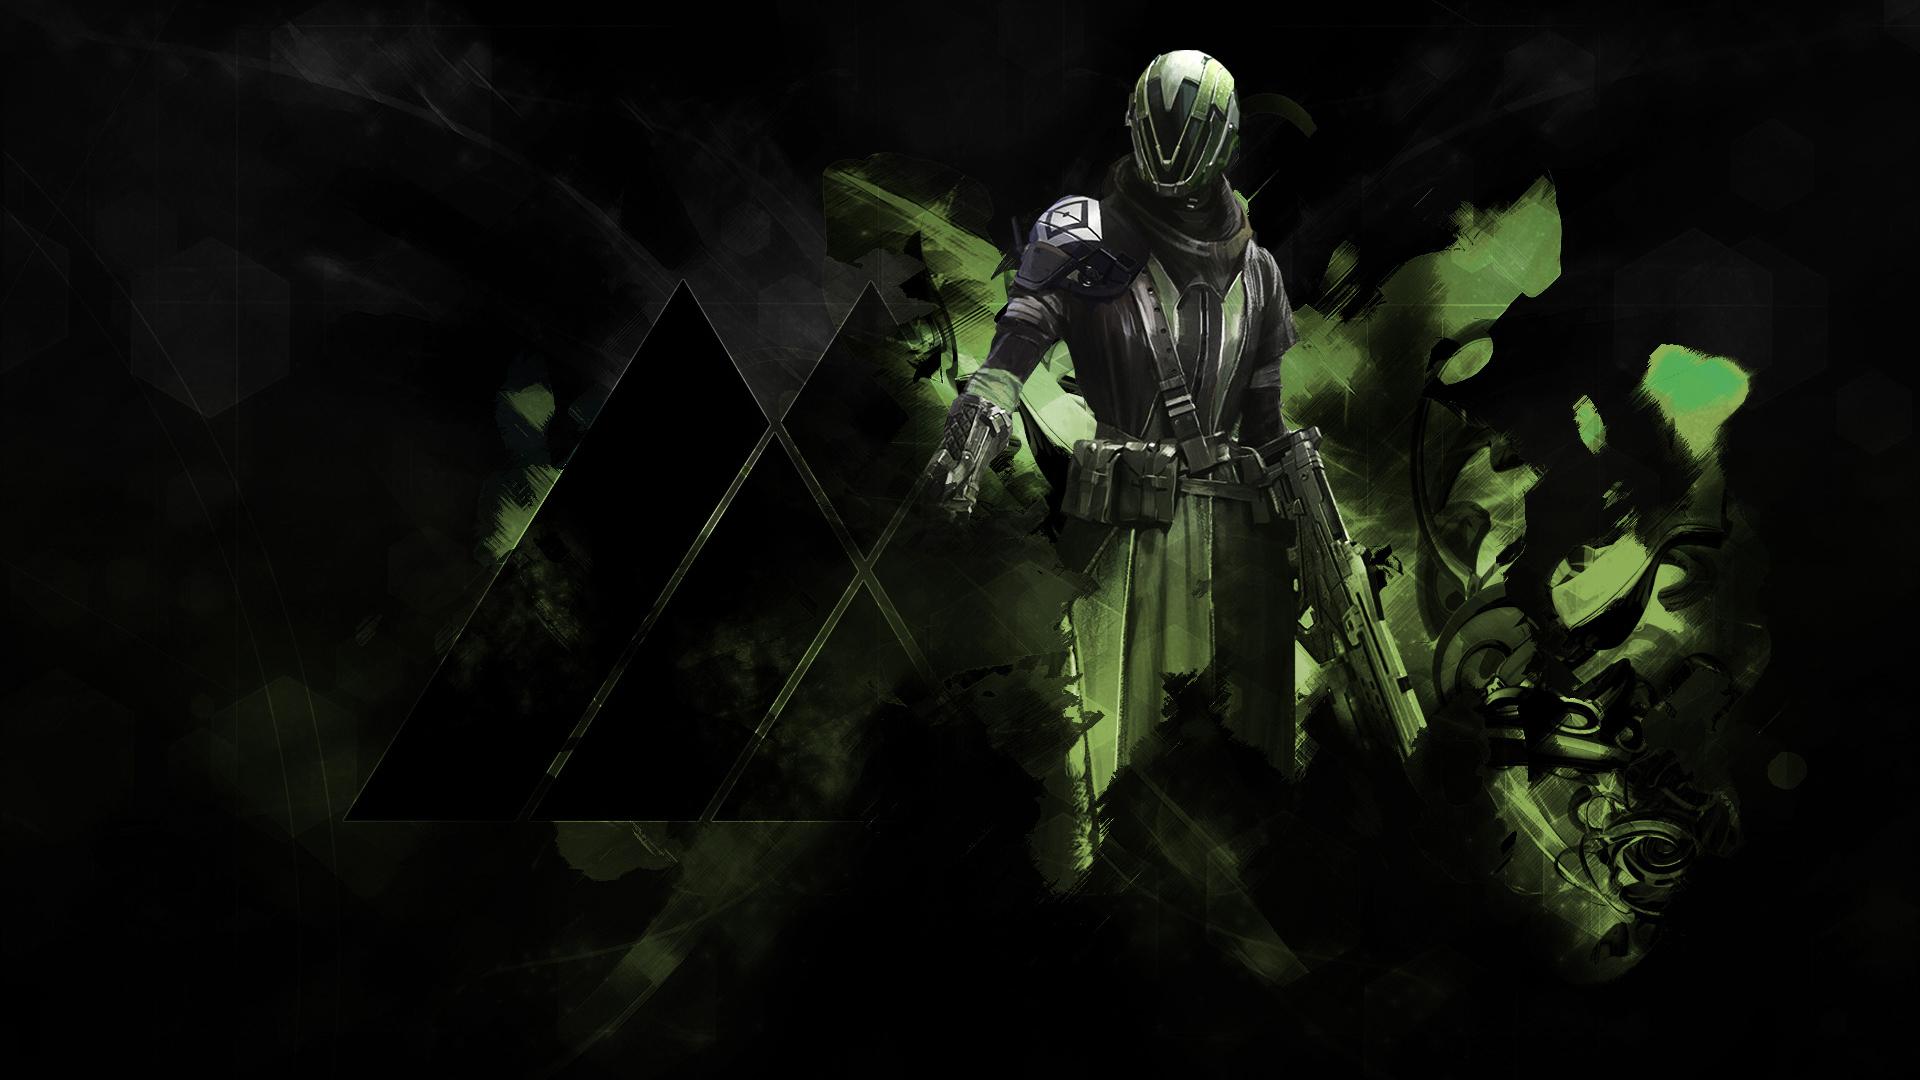 Destiny 2 1080p Wallpaper: Destiny Warlock Wallpaper